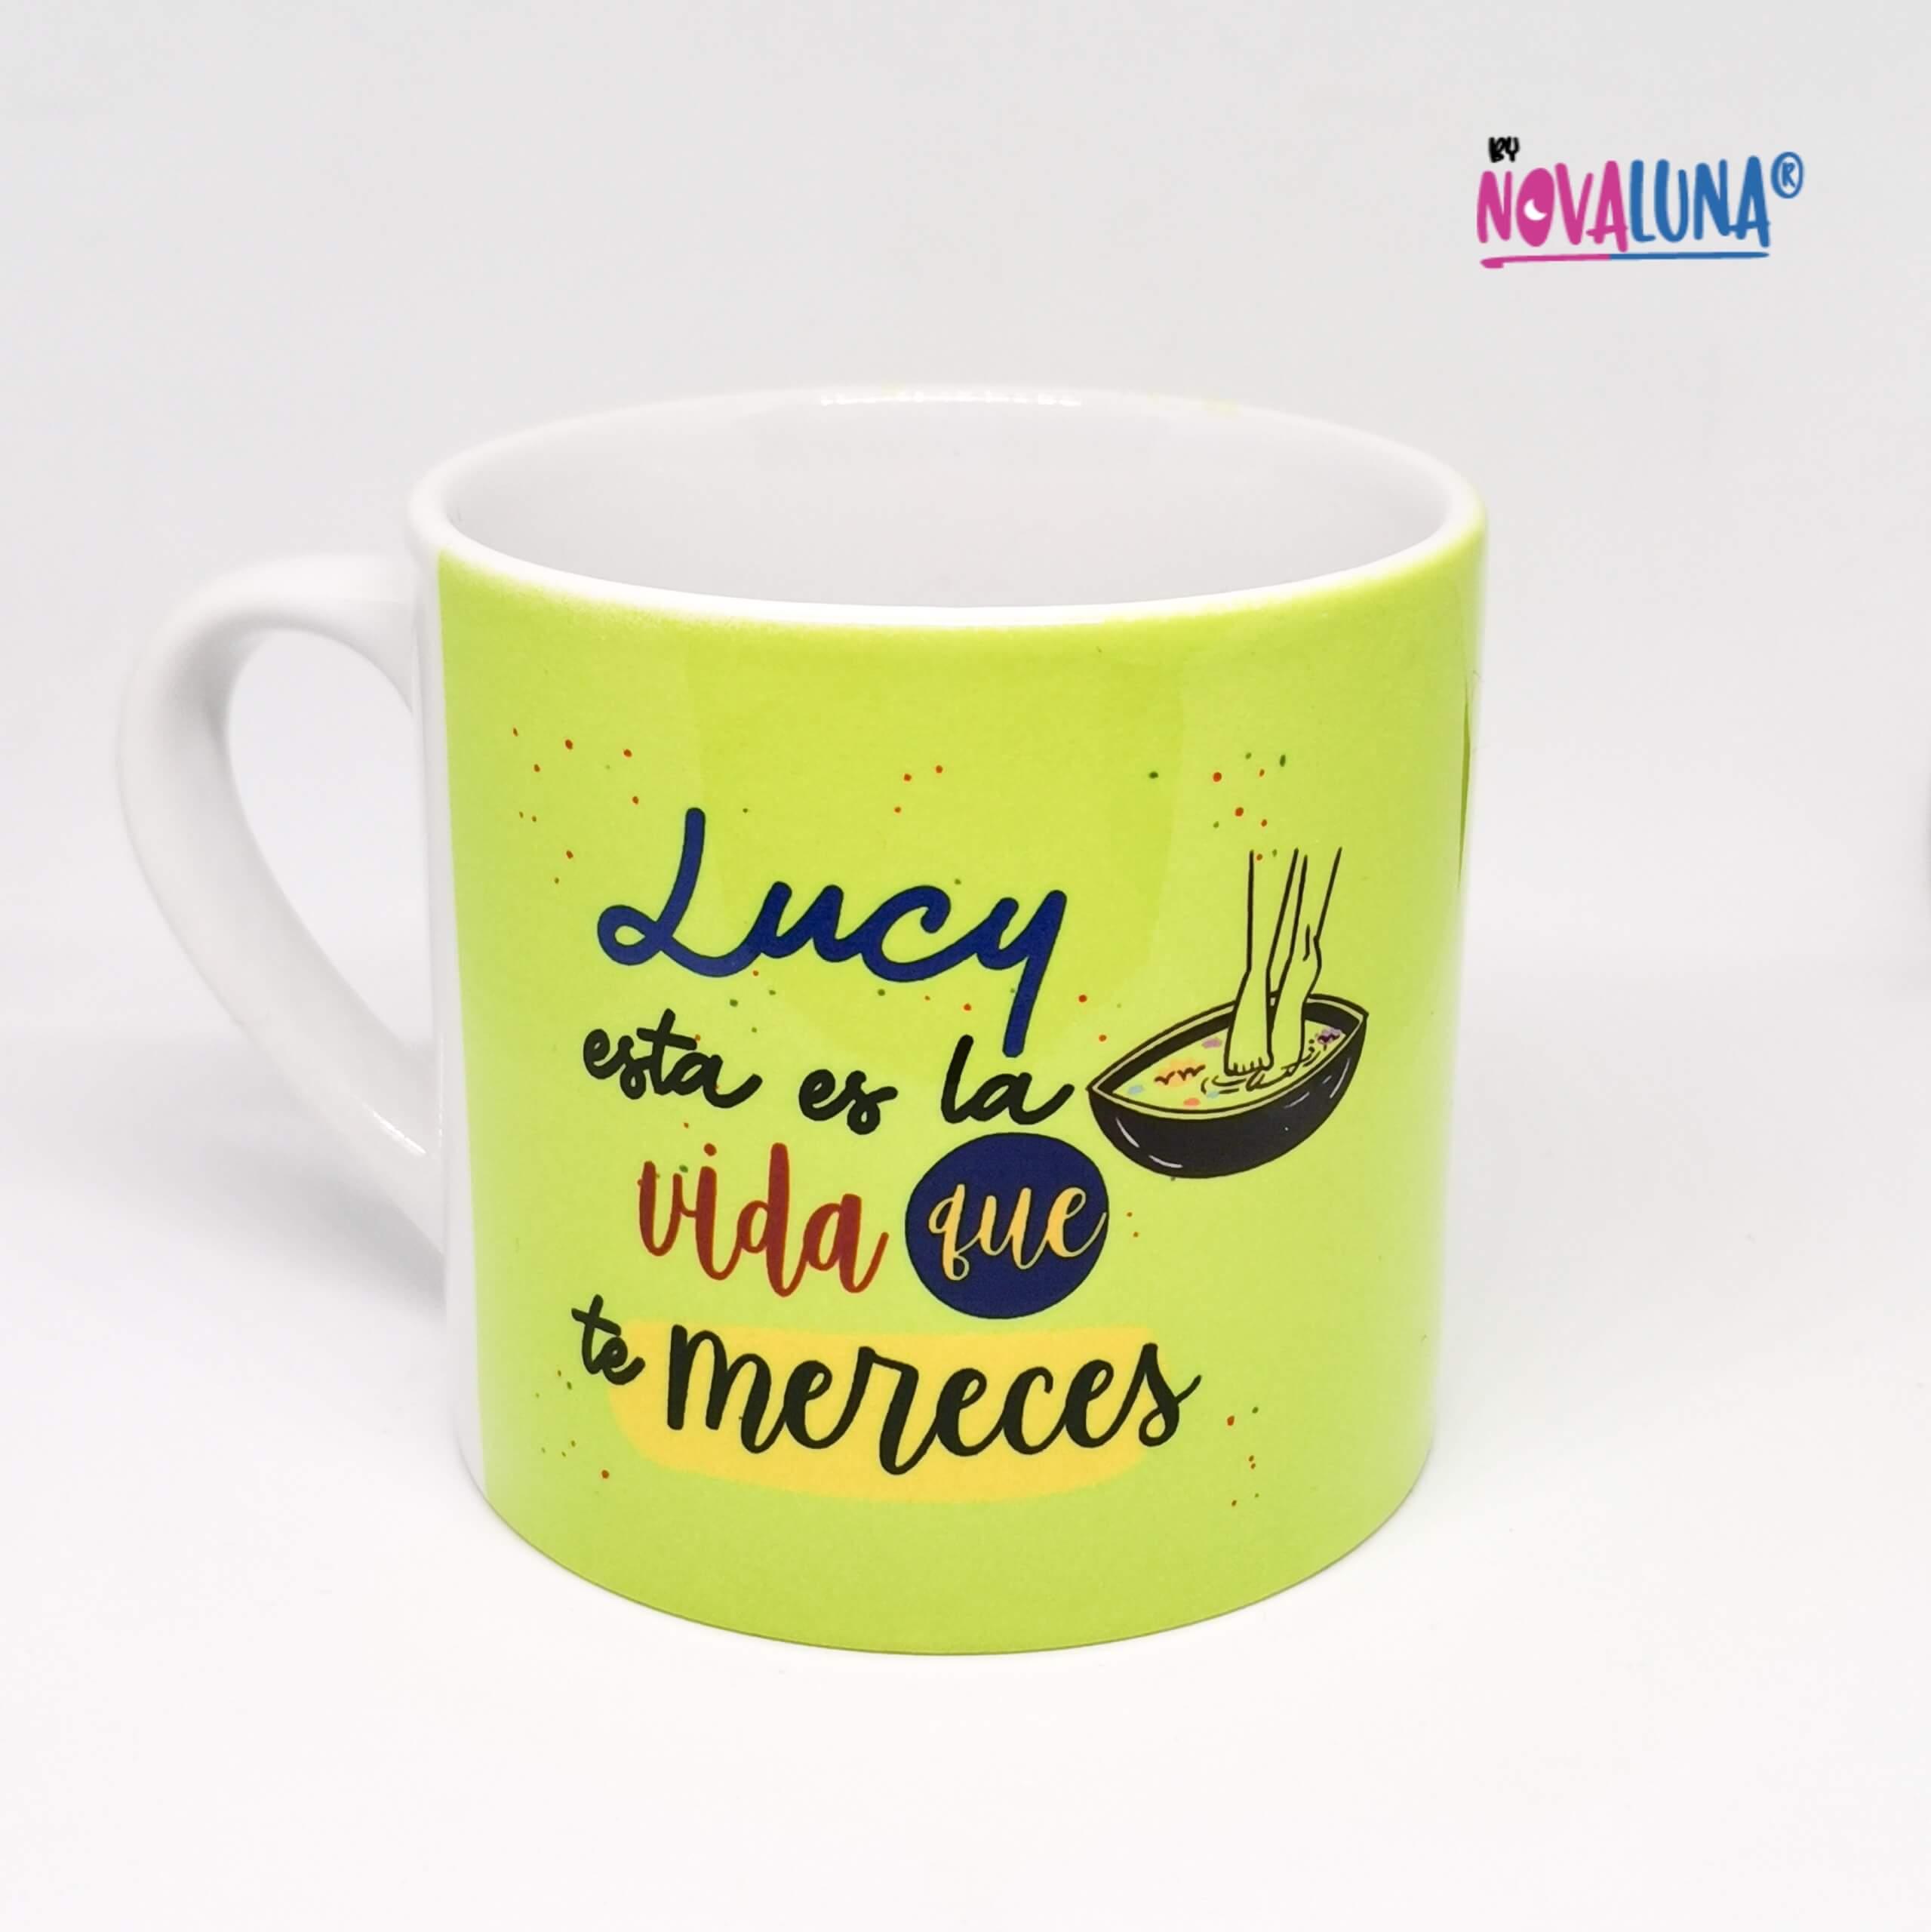 Mug 6 oz personalizado _7